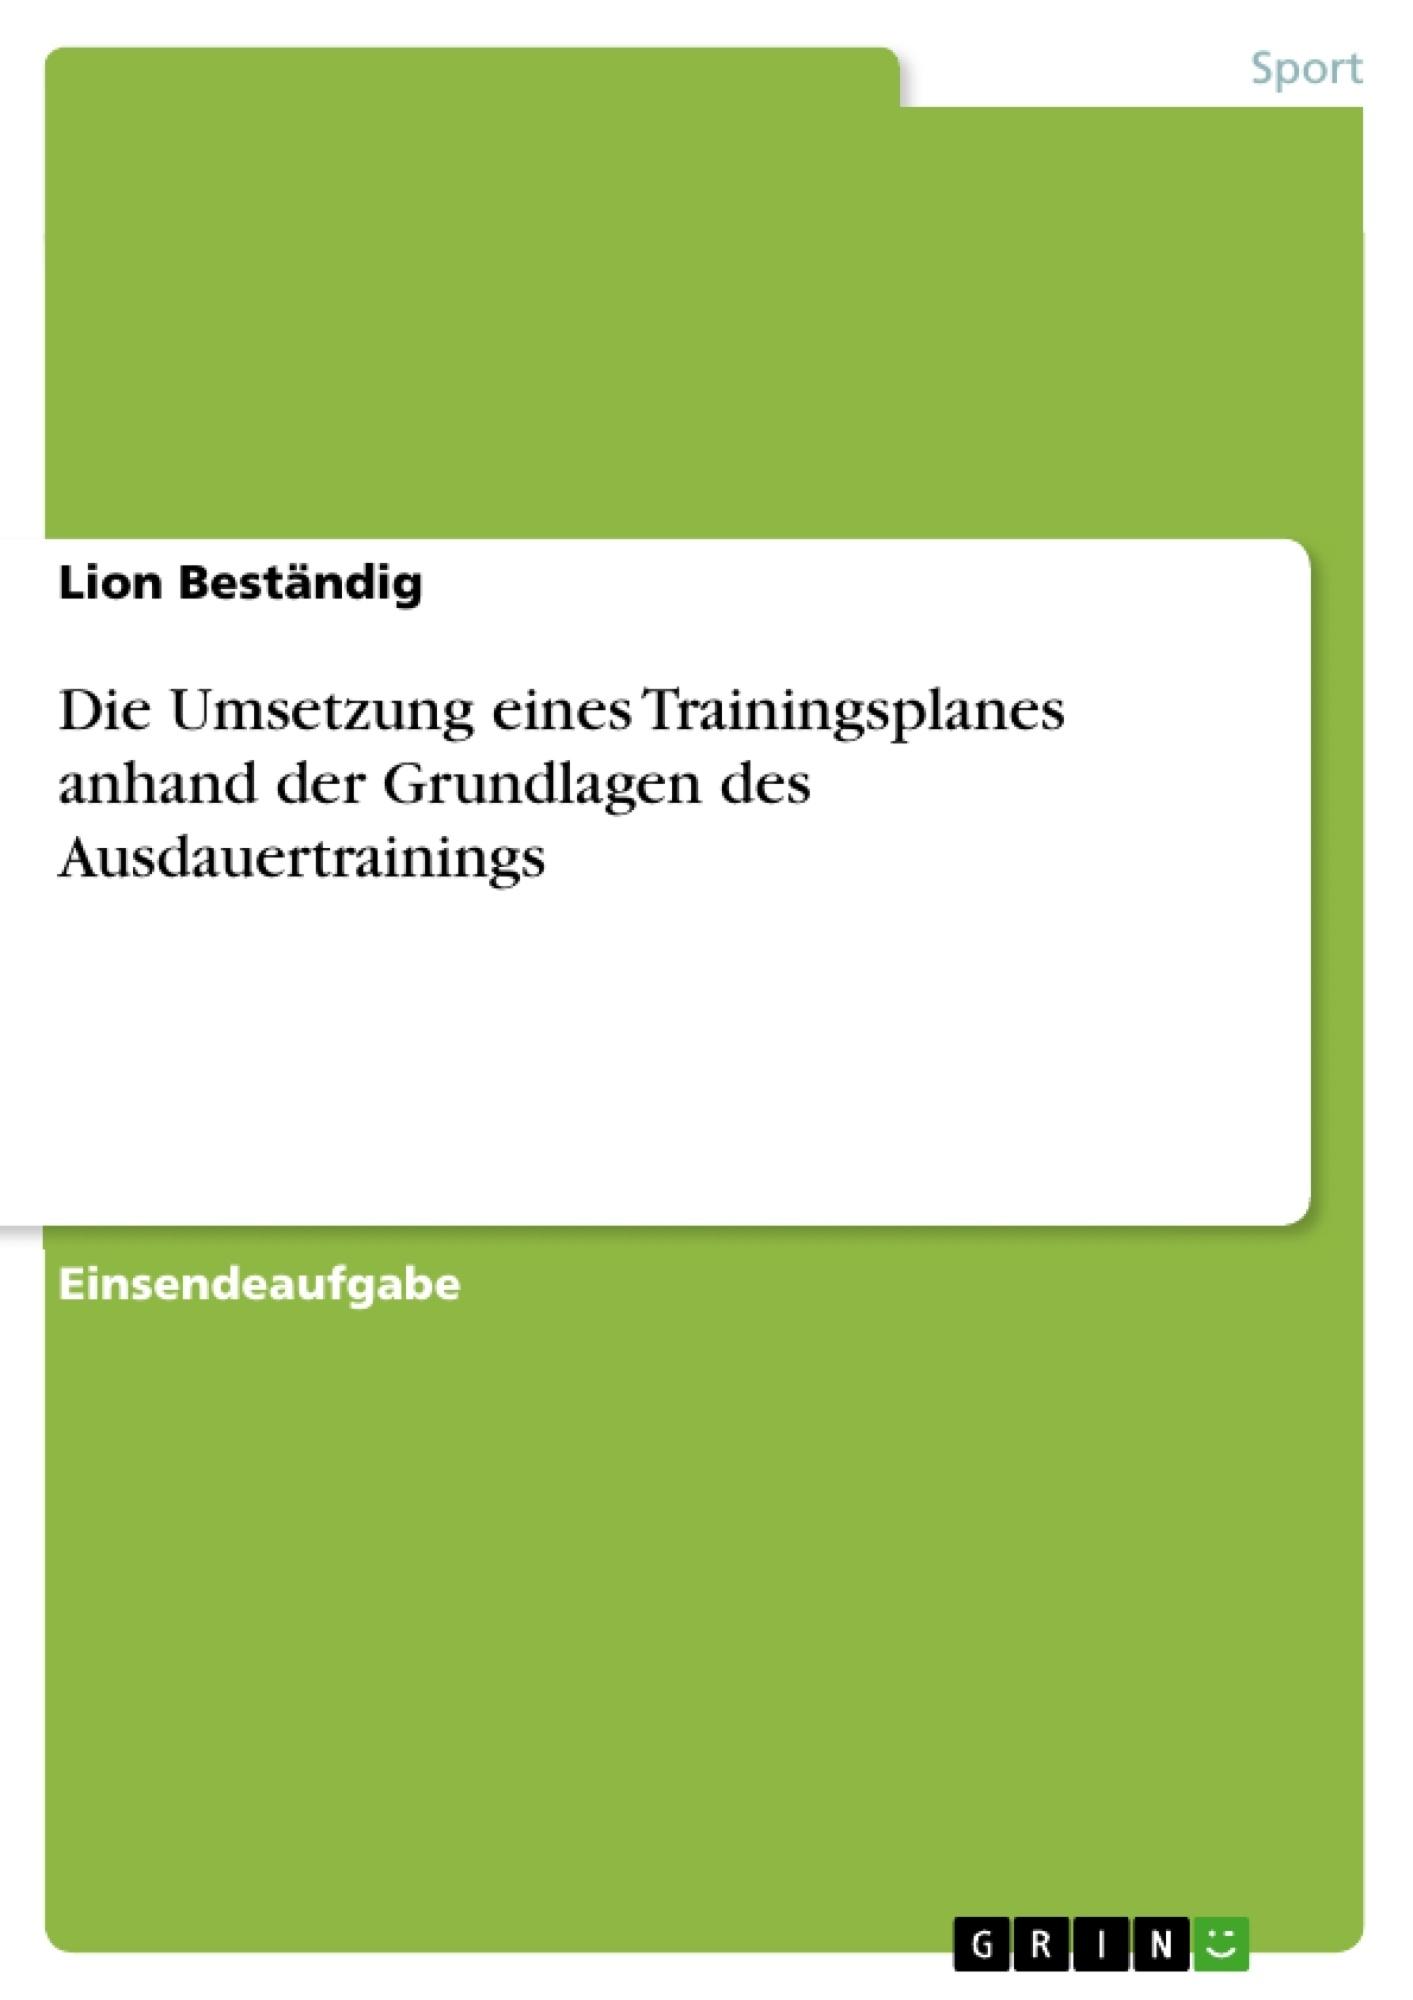 Titel: Die Umsetzung eines Trainingsplanes anhand der Grundlagen des Ausdauertrainings